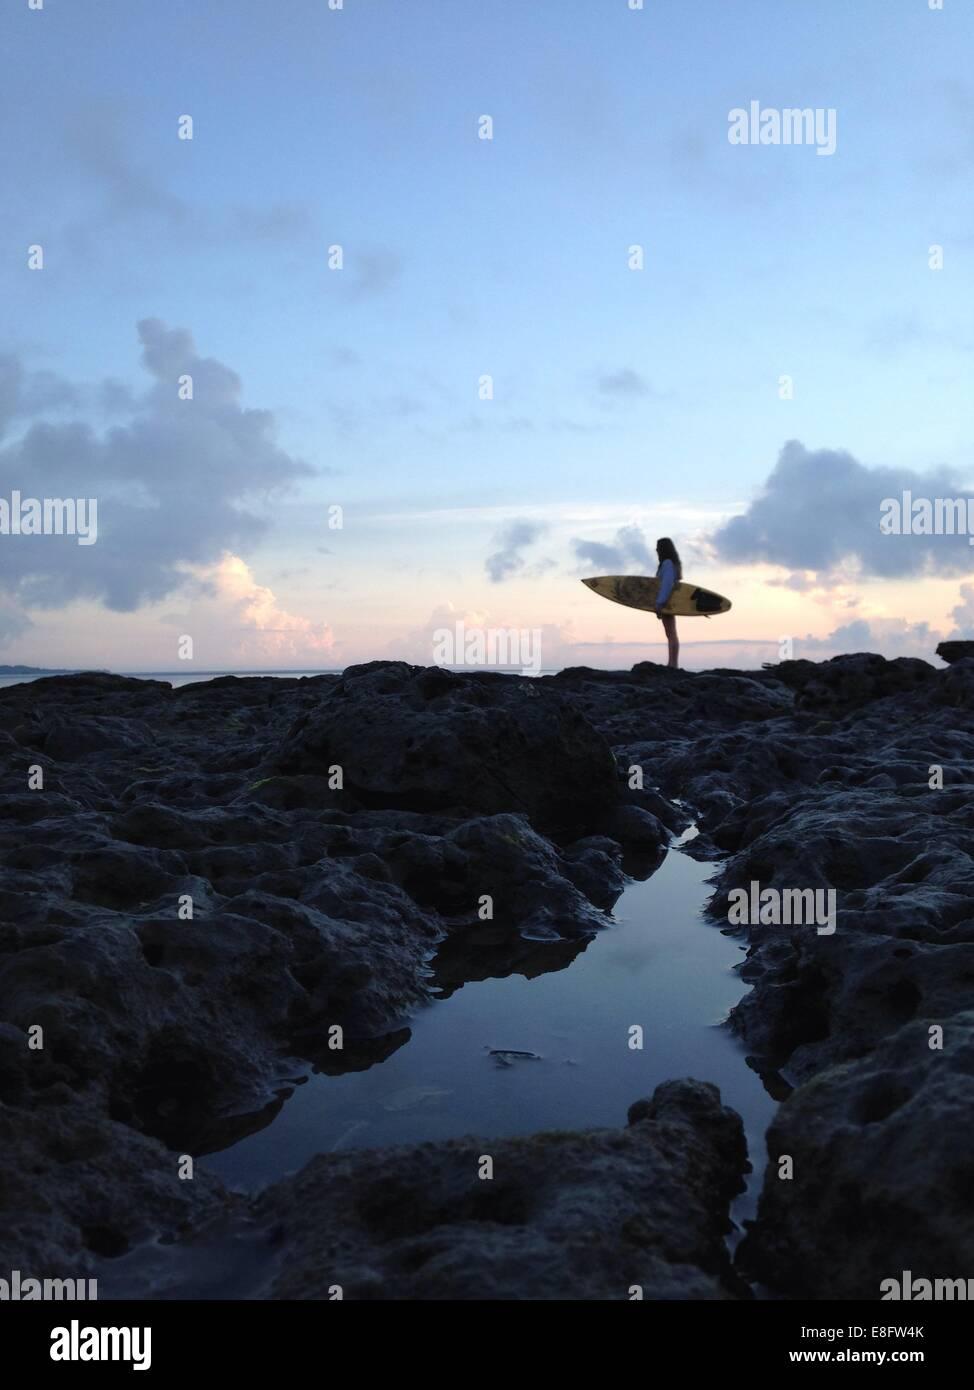 Estados Unidos, la Florida, el condado de Duval, Jacksonville Beach, vista lateral de la mujer sosteniendo las tablas Imagen De Stock